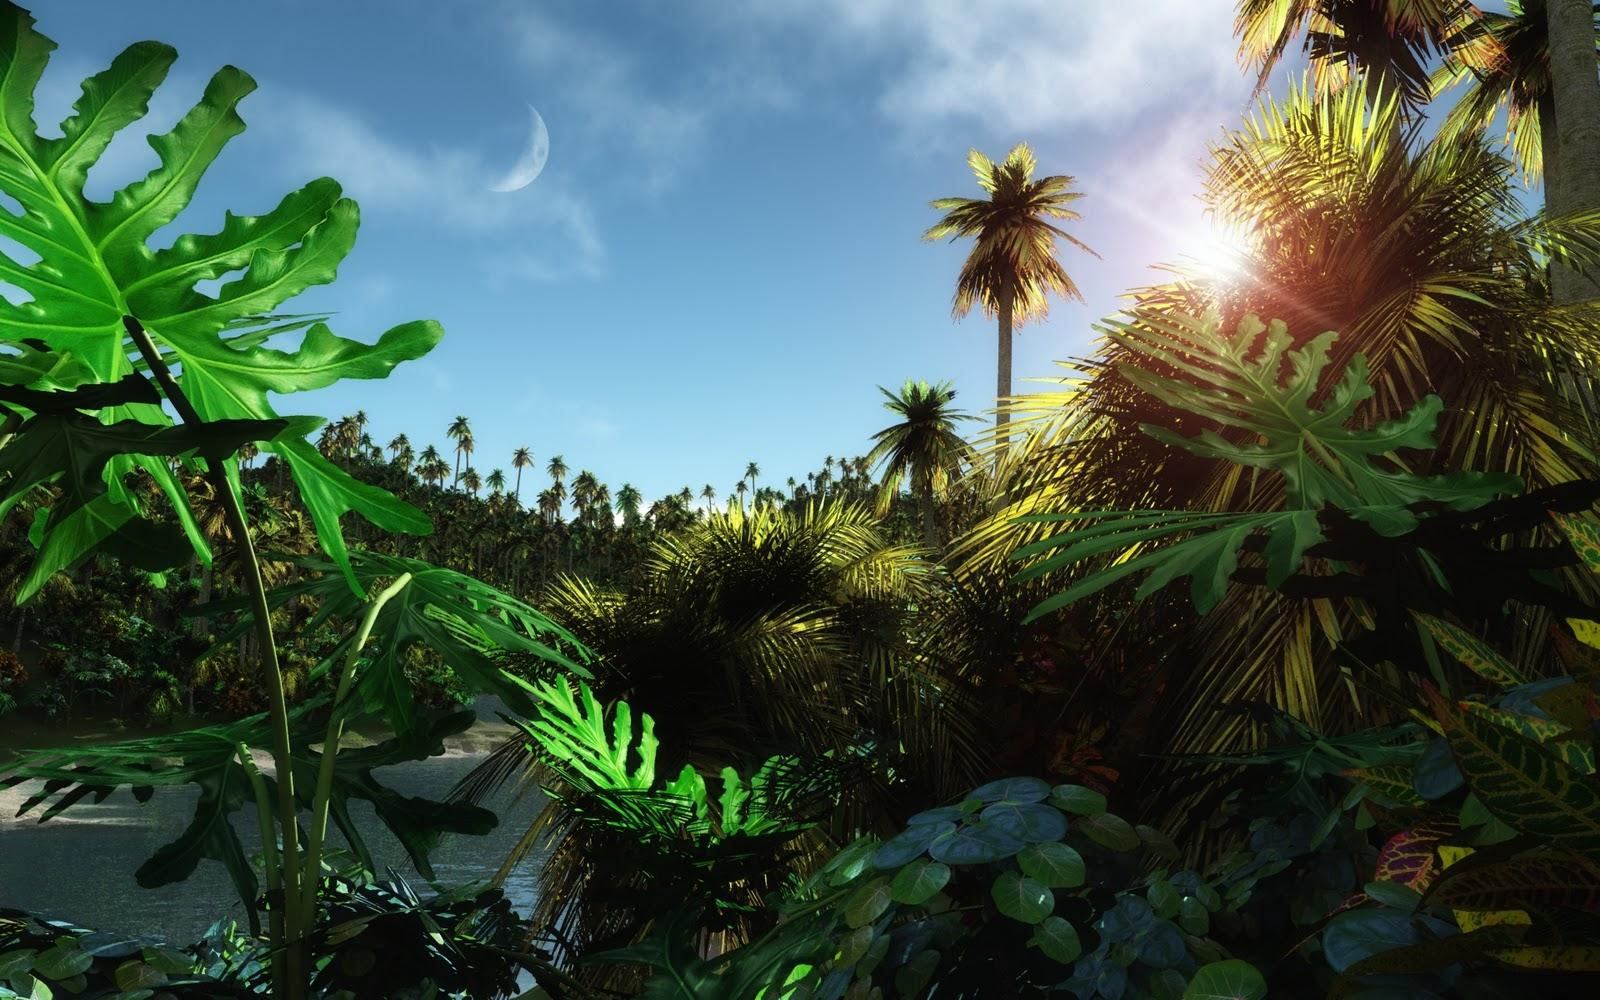 http://2.bp.blogspot.com/-Iq-lPqFMIIQ/TsOVv9fm_qI/AAAAAAAAB64/MNnU1PQnawA/s1600/jungle-Desktop-wallpaper.jpg